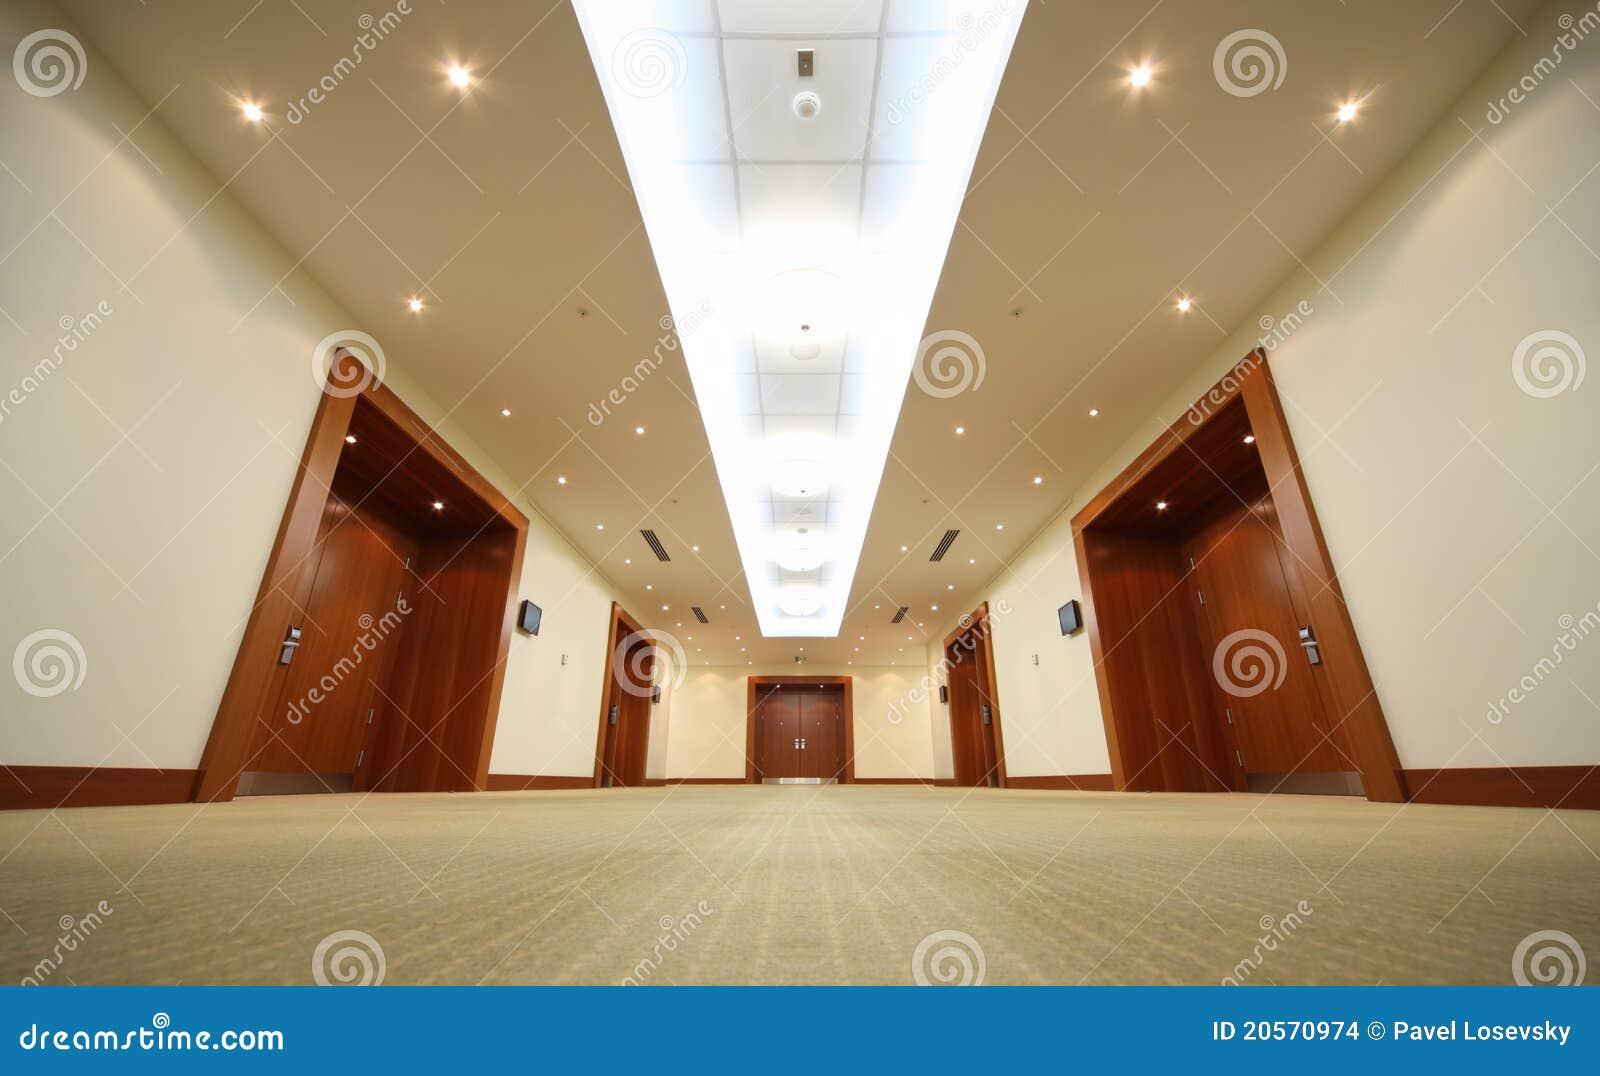 Trä för hall för slut för korridordörrdörrar